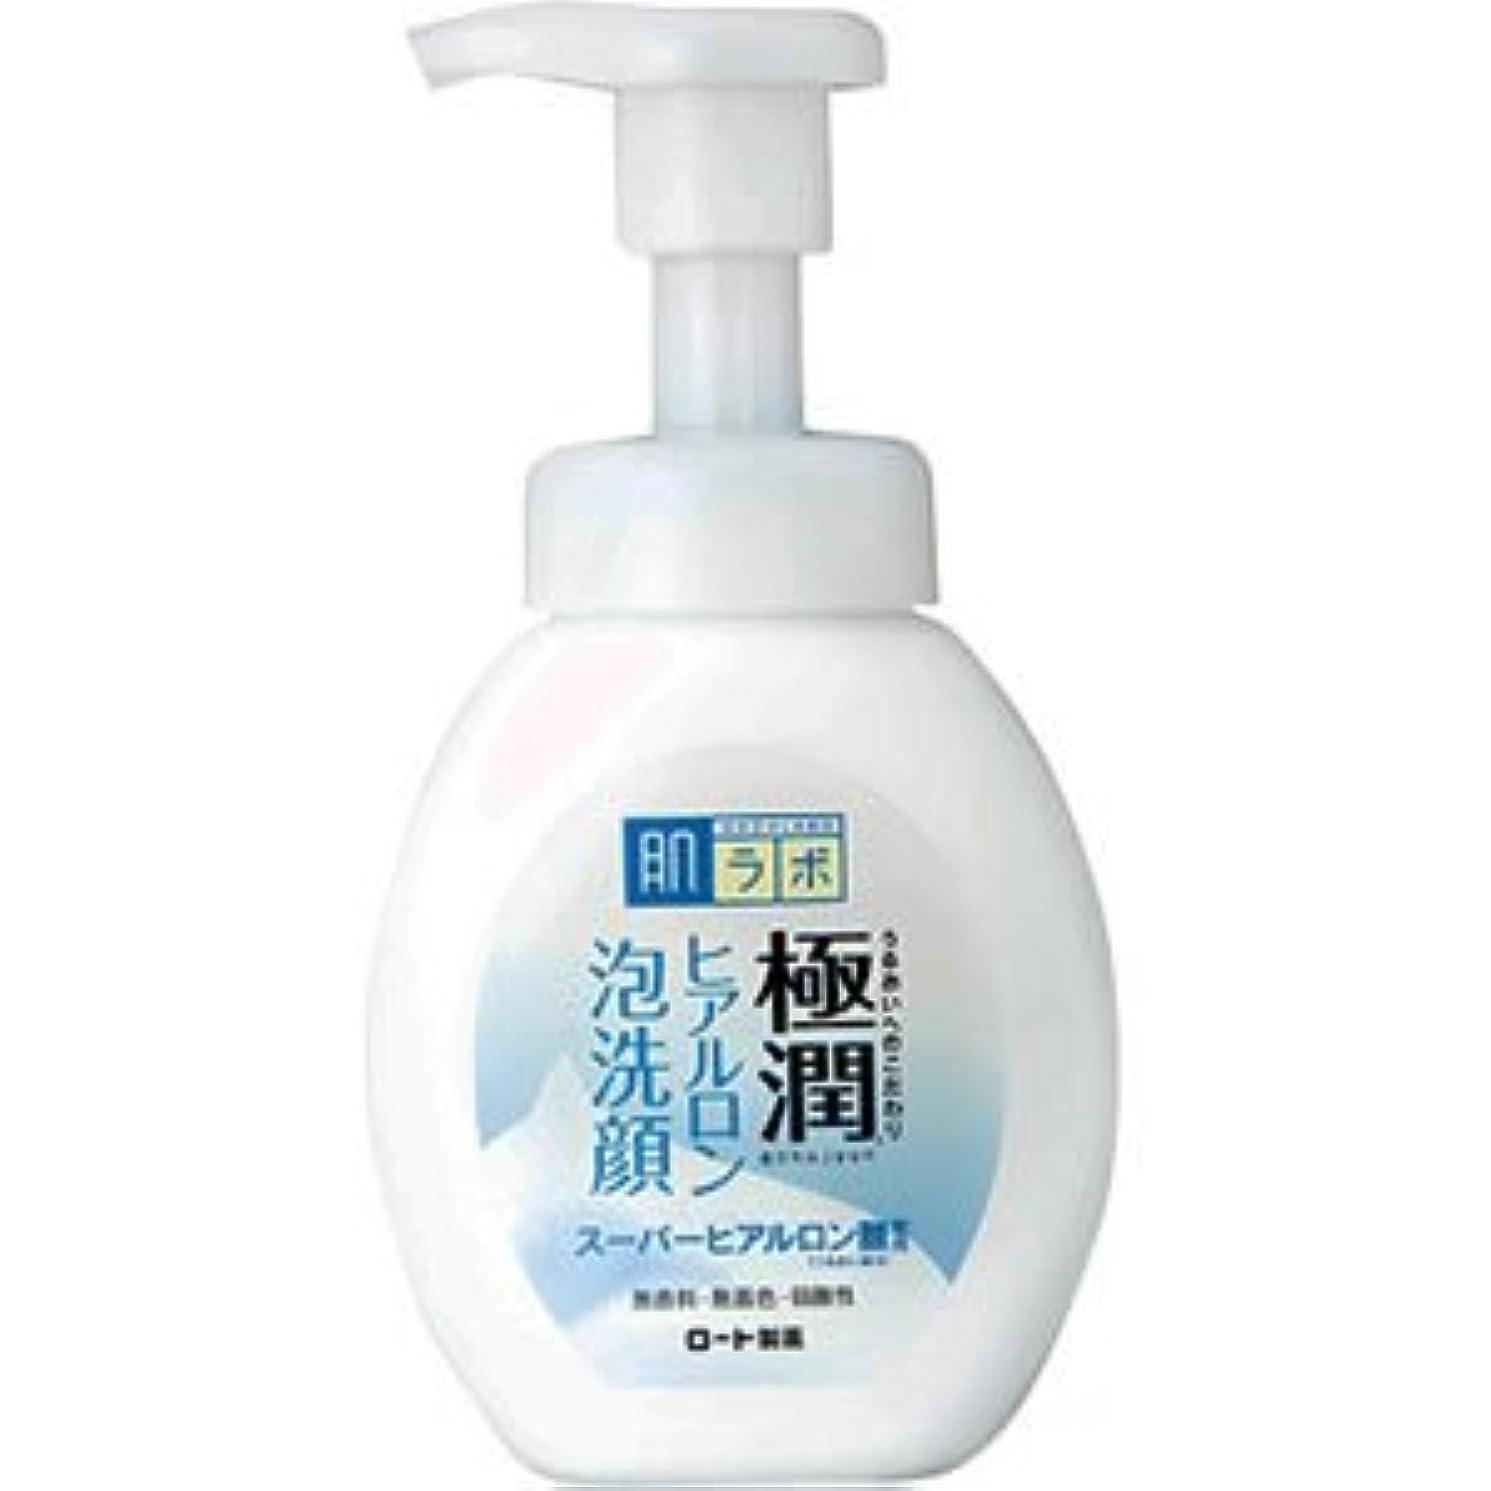 いたずらディスコウサギ(ロート製薬)肌研 極潤ヒアルロン泡洗顔 160ml(お買い得3本セット)